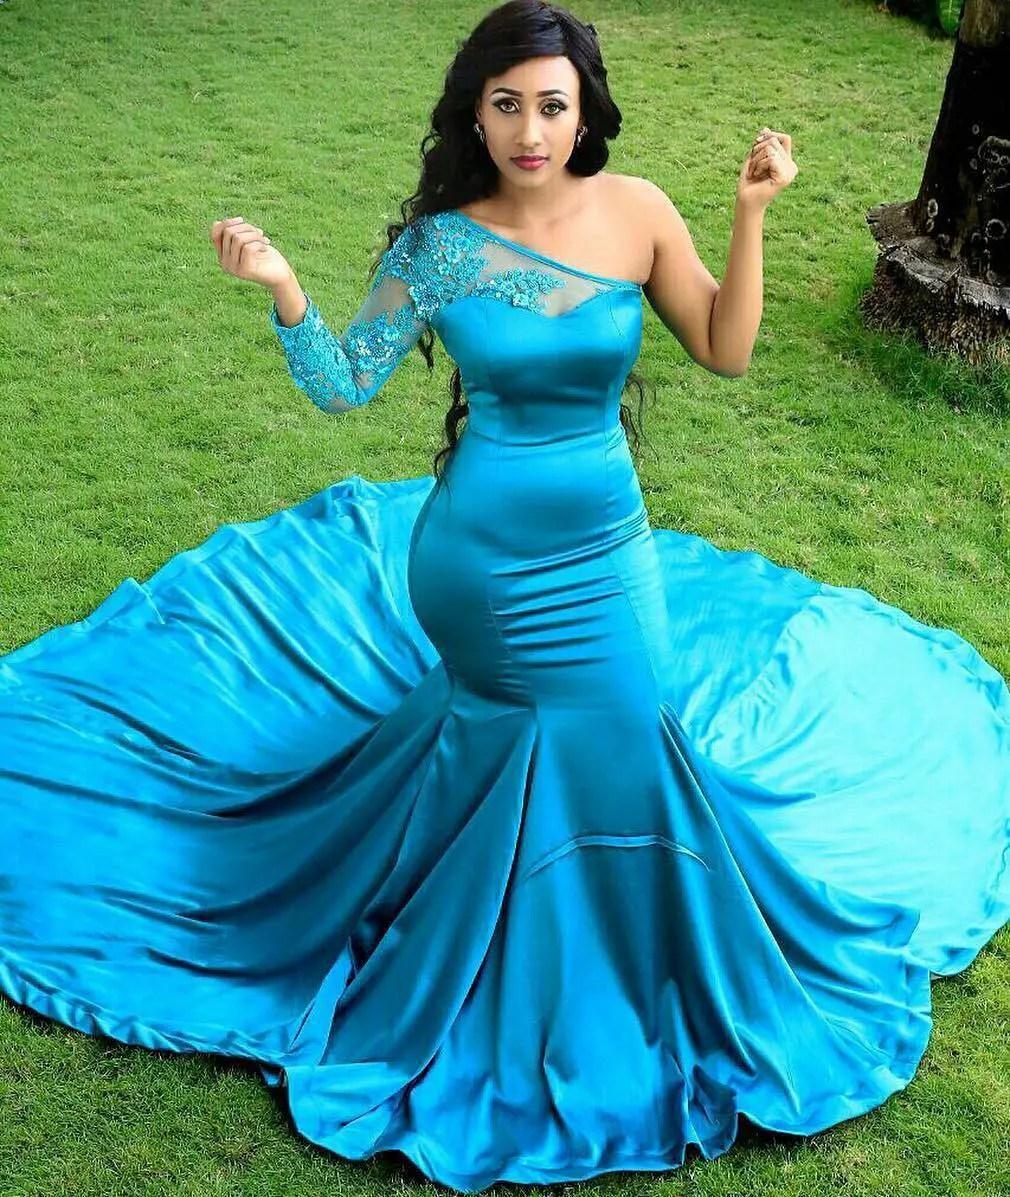 Brides wey sabi better wedding reception gowns a million for Brides dress for wedding reception